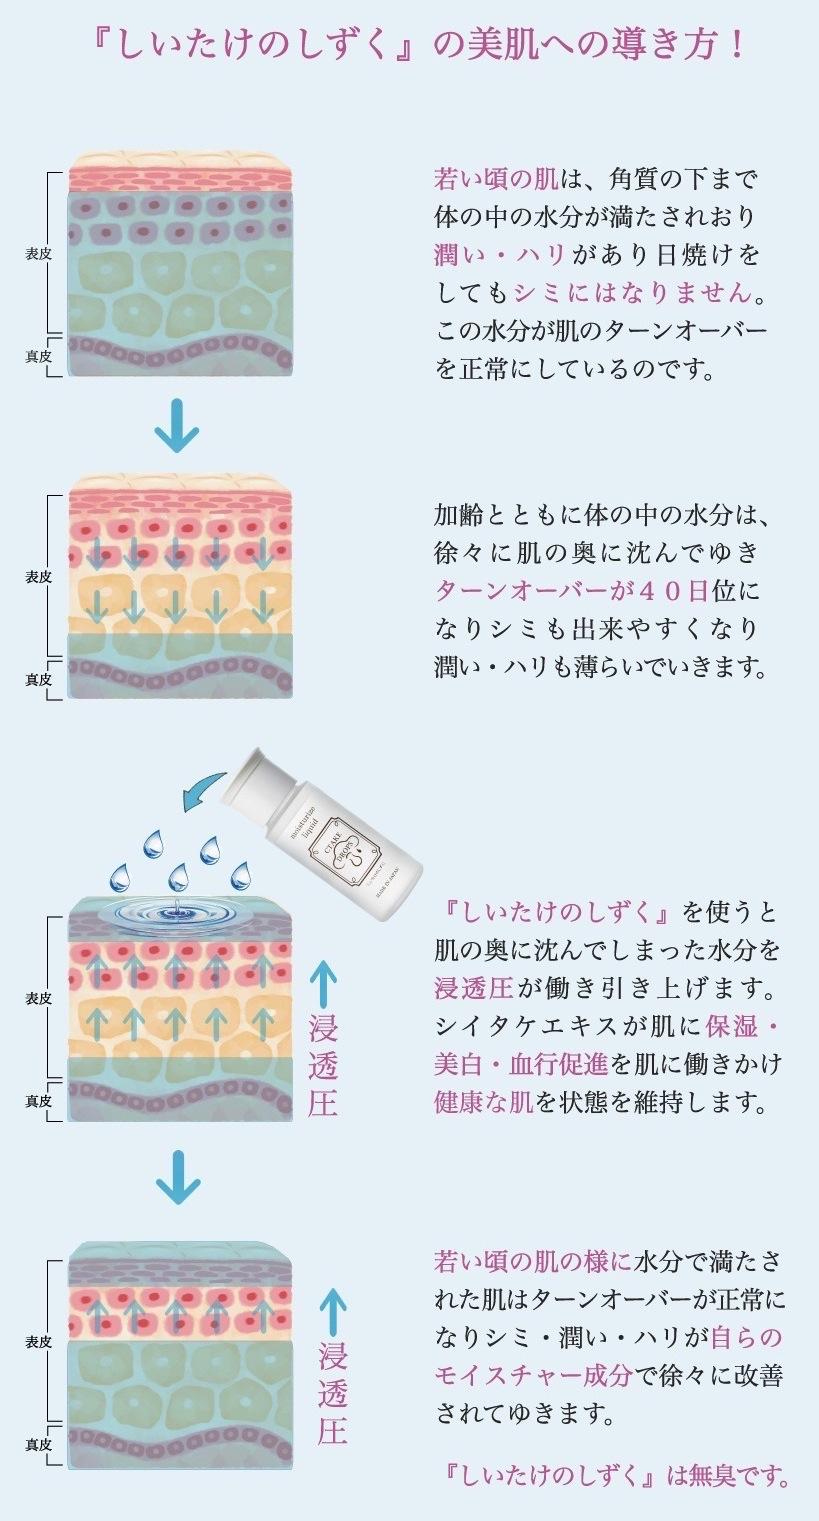 しいたけの美容液でお肌のターンオーバーが促進してゆく事を説明している画像です。